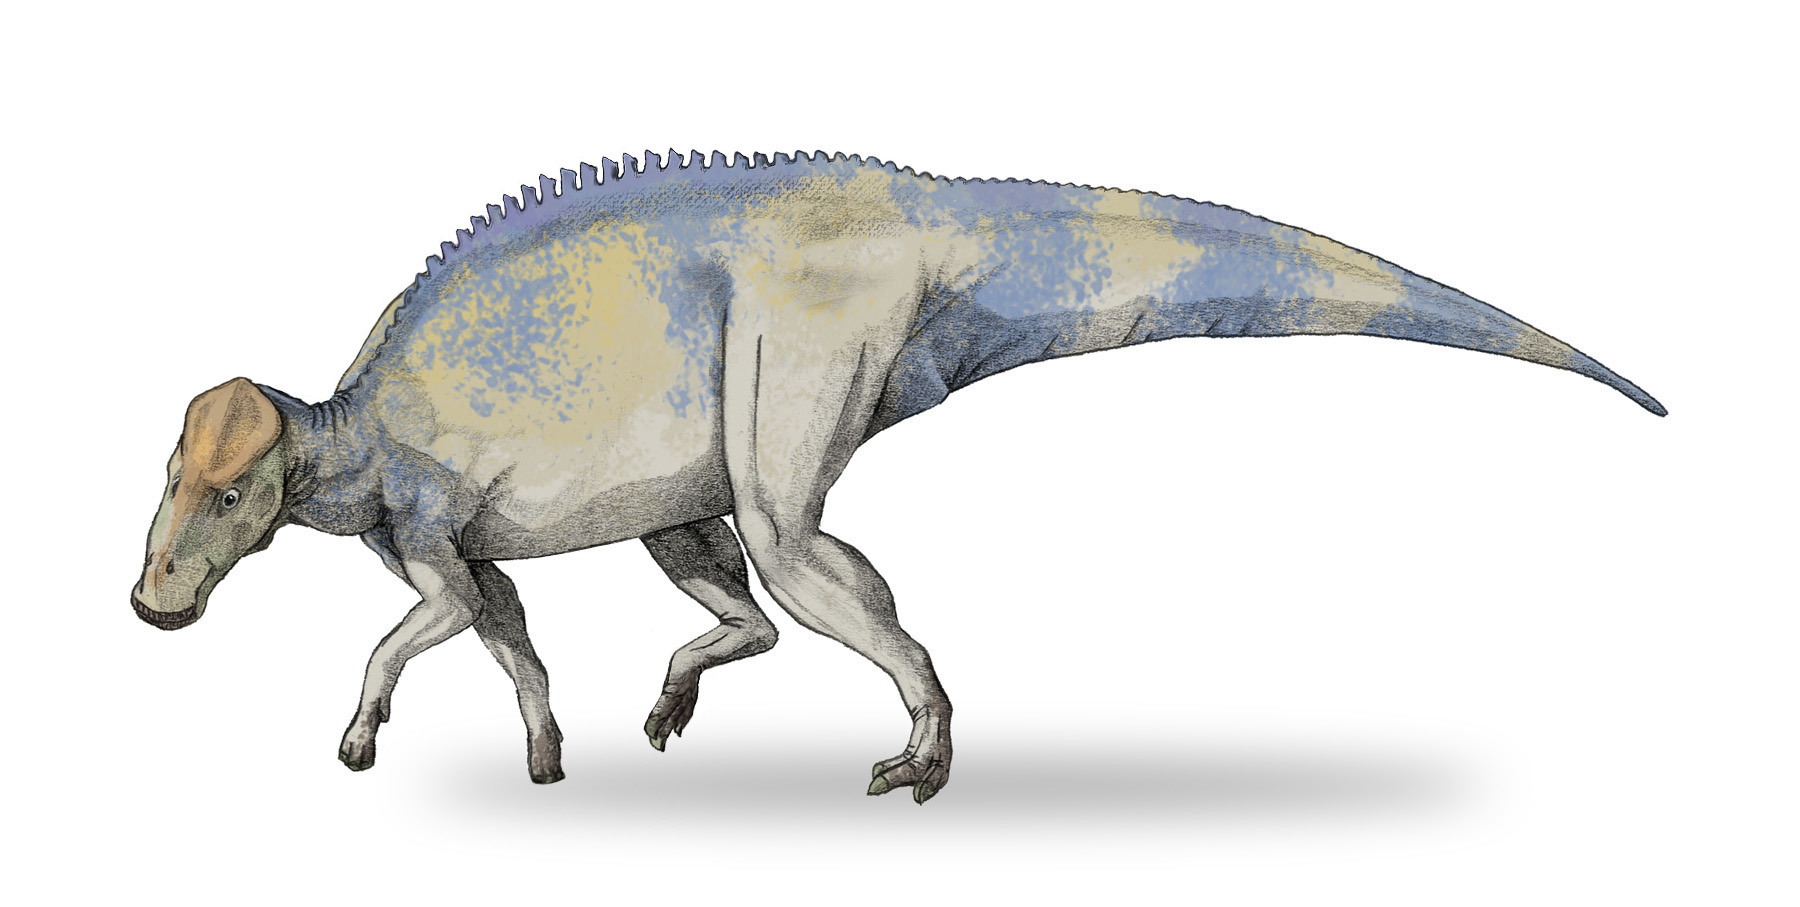 brachylophosaurus - photo #3